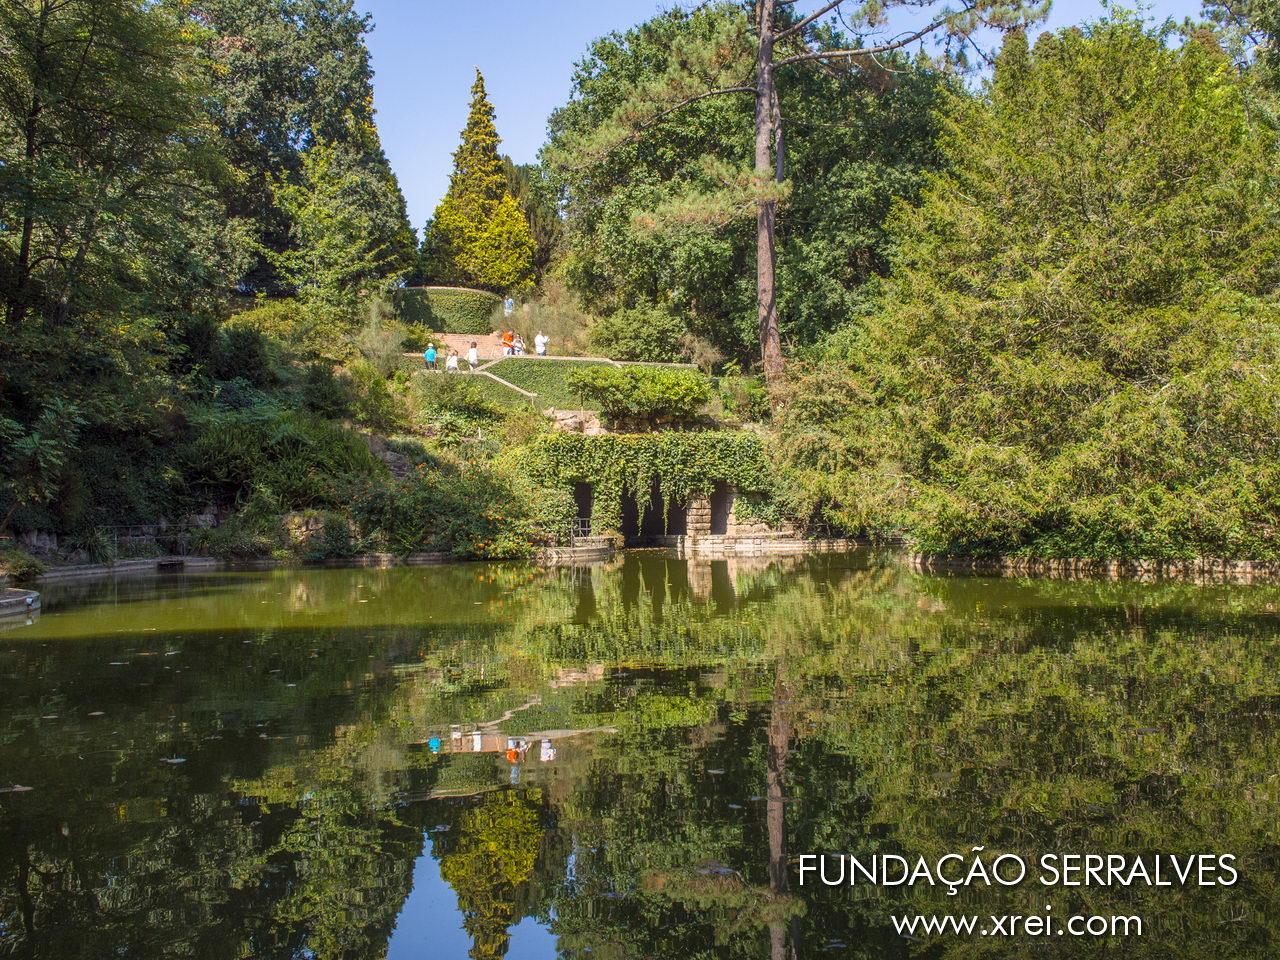 Parque Serralves con aproximadamente dieciocho hectáreas de jardines y espacios ajardinados